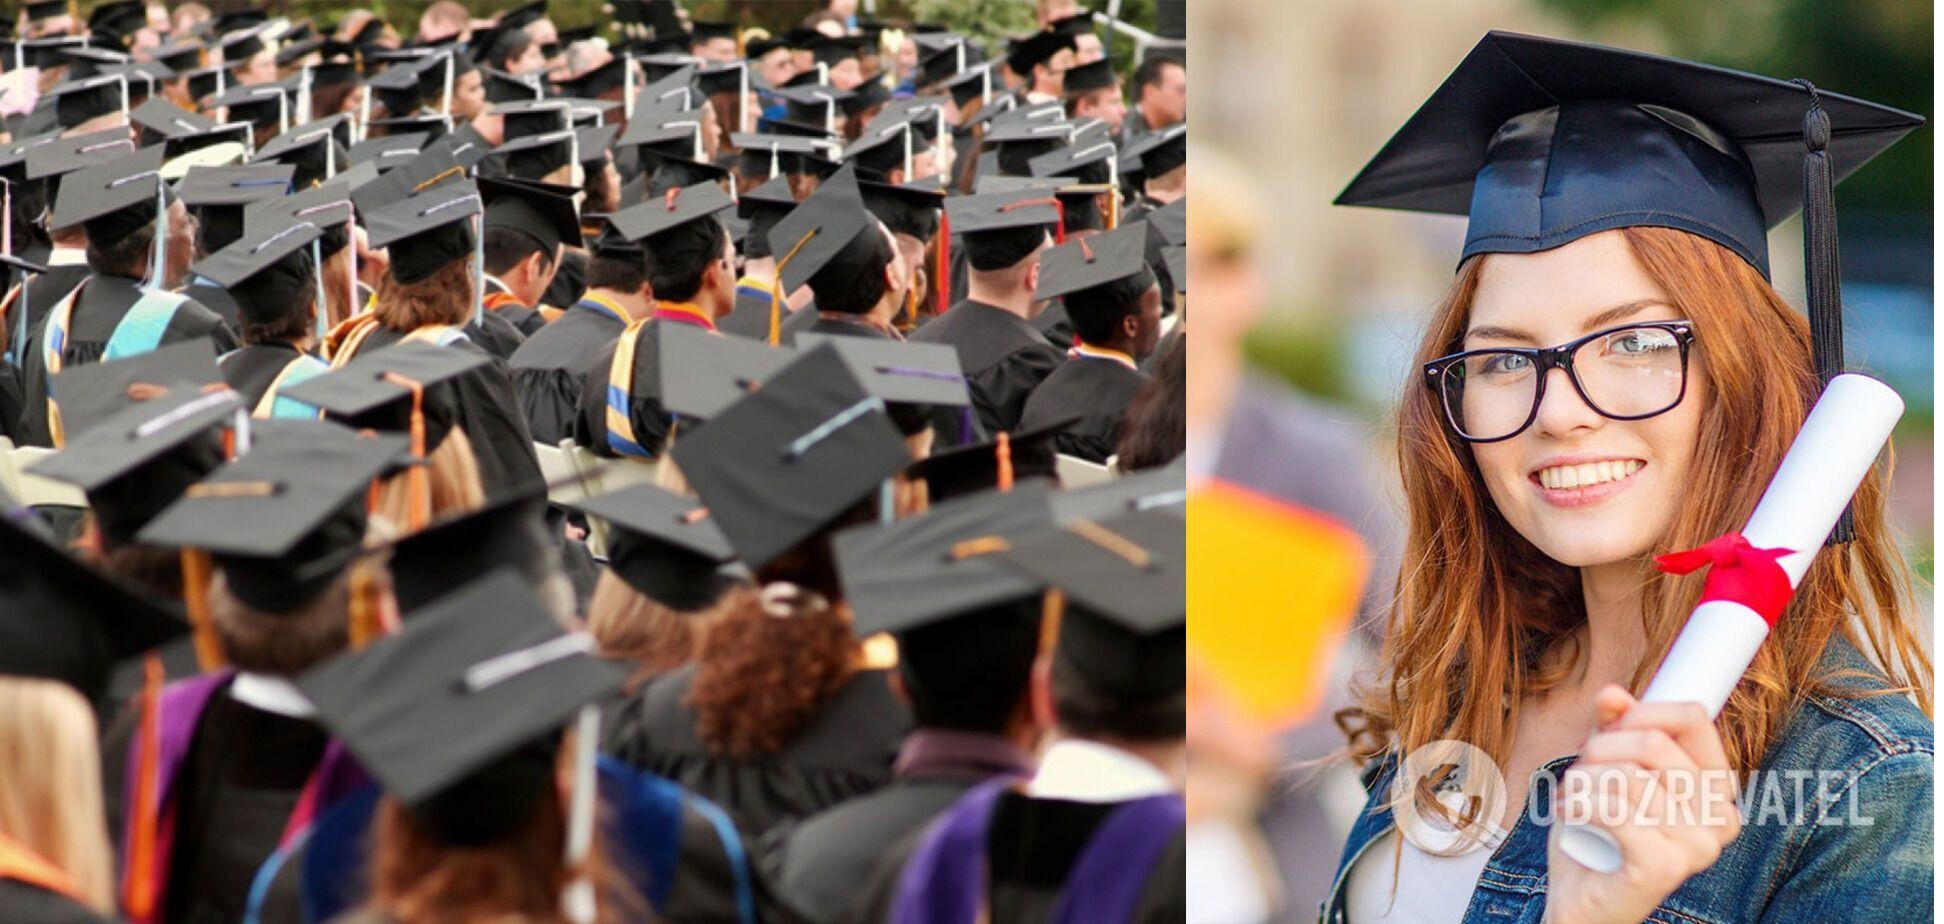 Два высших образования одновременно: совмещаем качественное обучение в Украине и за рубежом